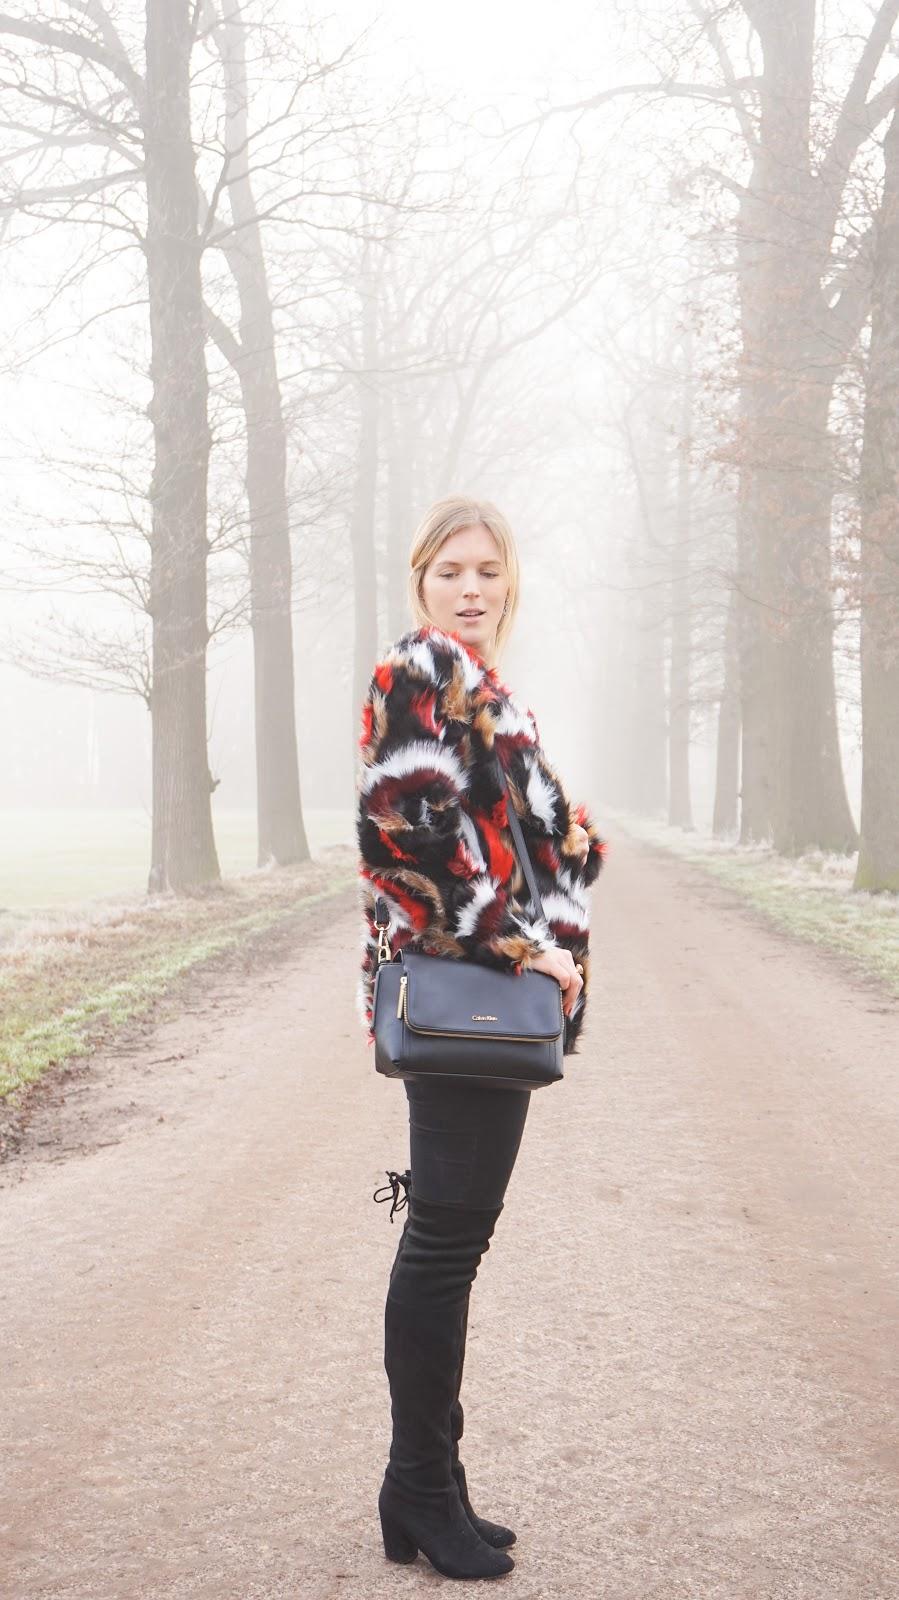 DSC02912 | Eline Van Dingenen